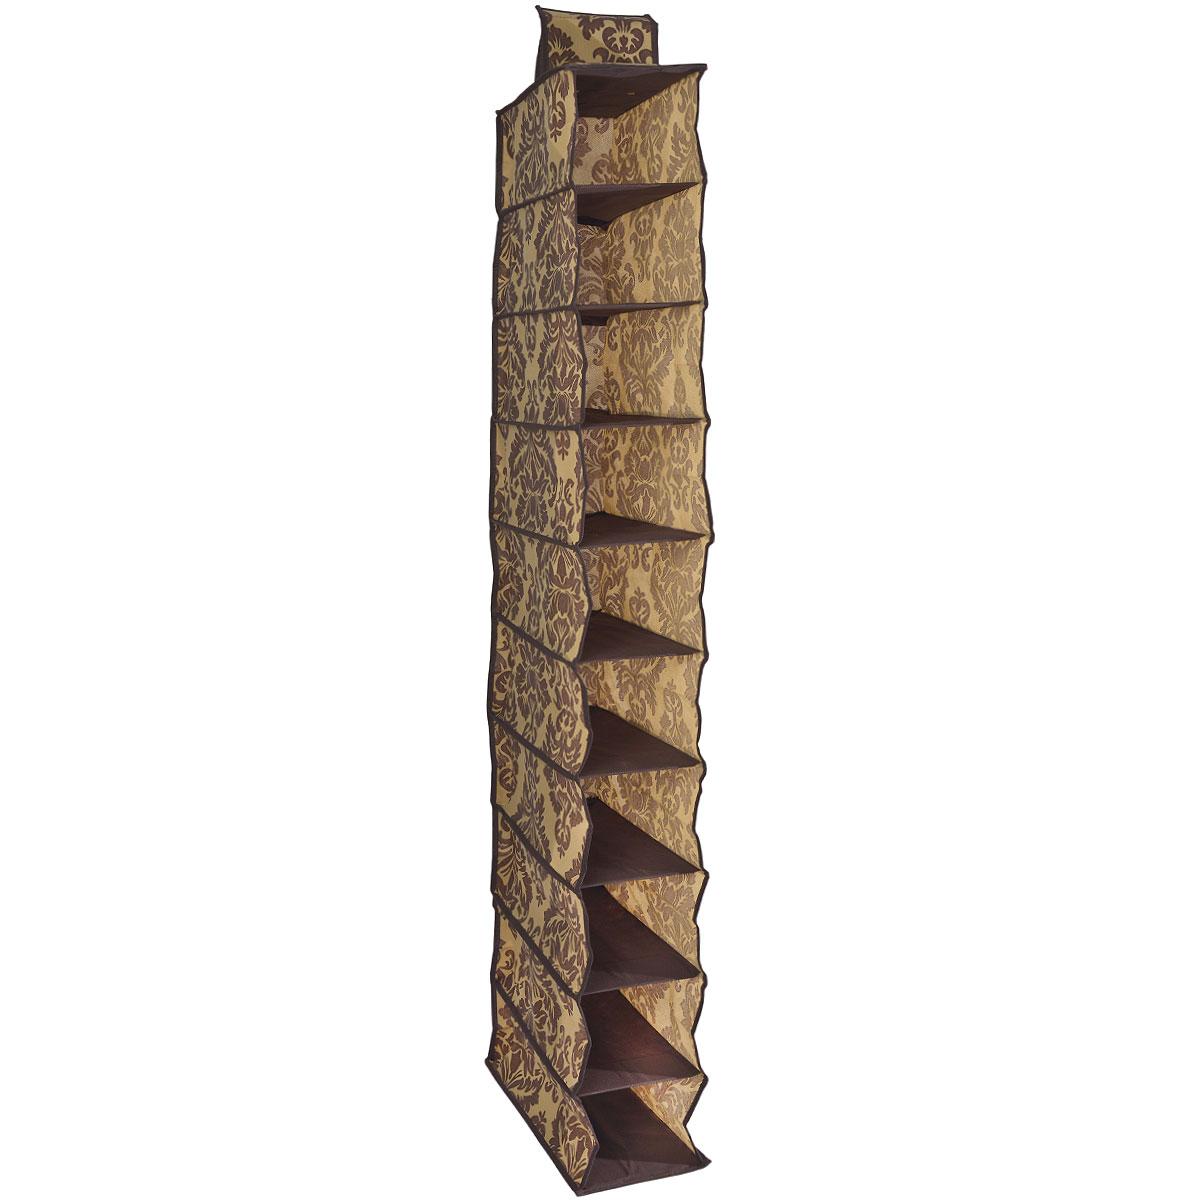 Кофр для хранения вещей Sima-land, подвесной, 10 отделений, 15 х 30 х 120 см 861861